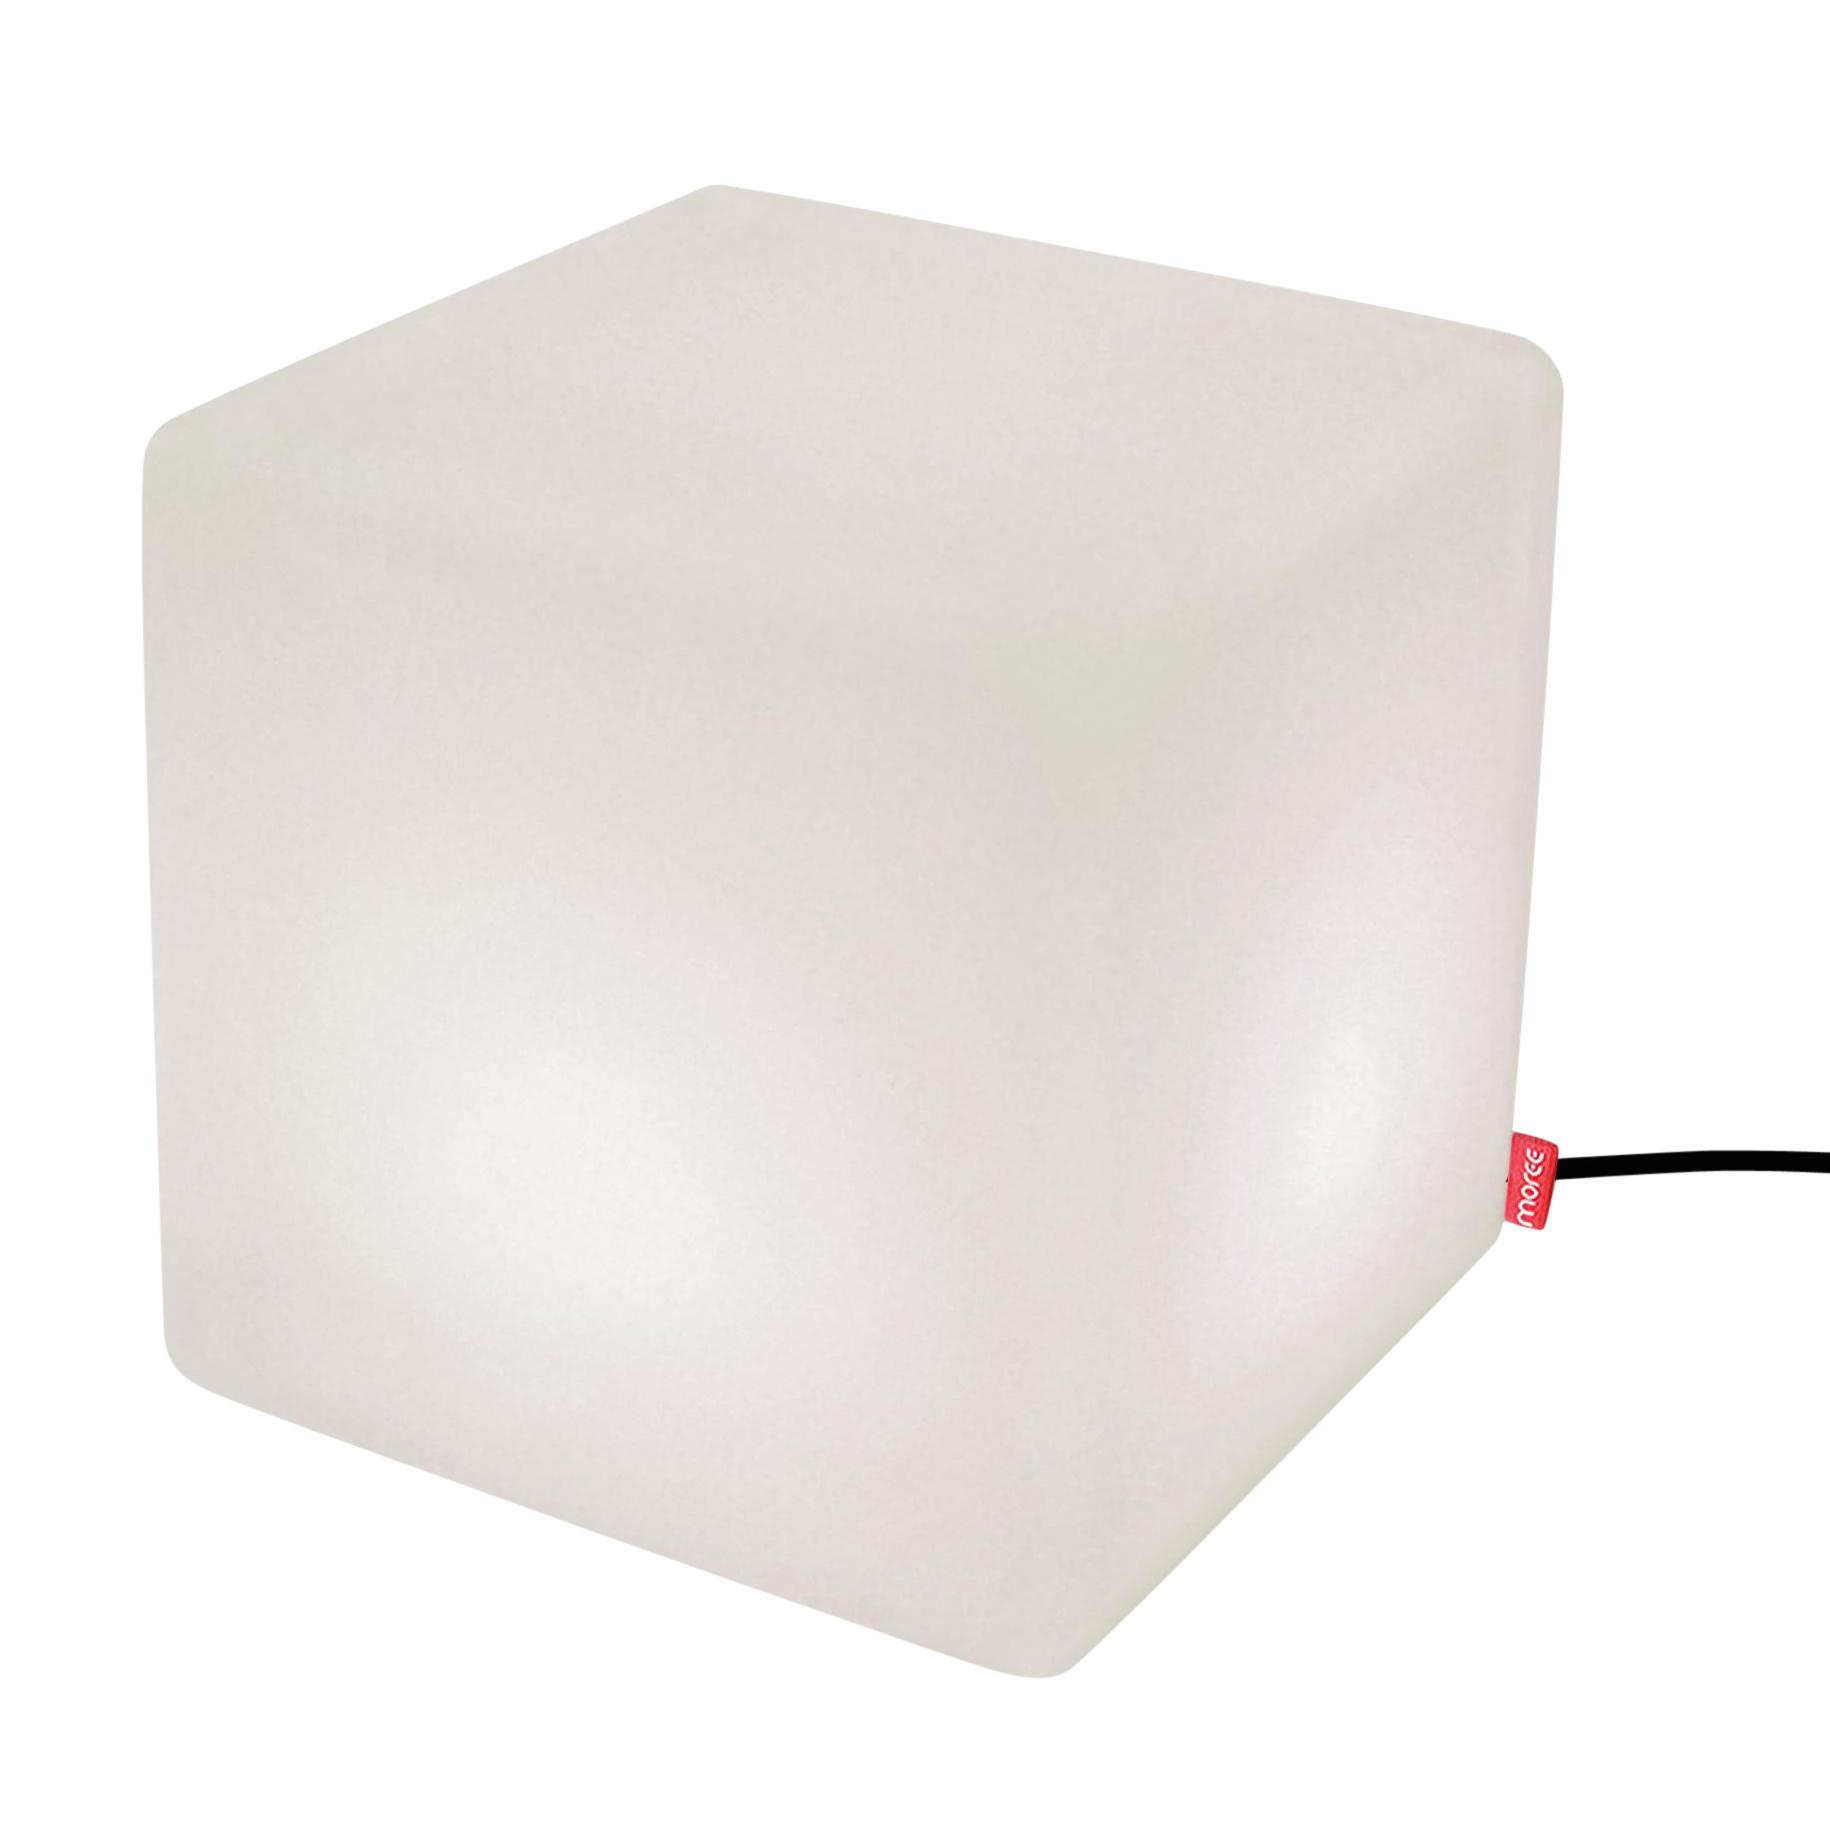 Moree - Cube LED Indoor Sitzwürfel - weiß/ABS-Kunststoff/mit IR Fernbedienug/44x44x45cm/mit 3m Kabel| inkl. Fußschalter | Wohnzimmer > Hocker & Poufs > Sitzwürfel | Weiß | Pmma-beschichteter abs-kunststoff | Moree